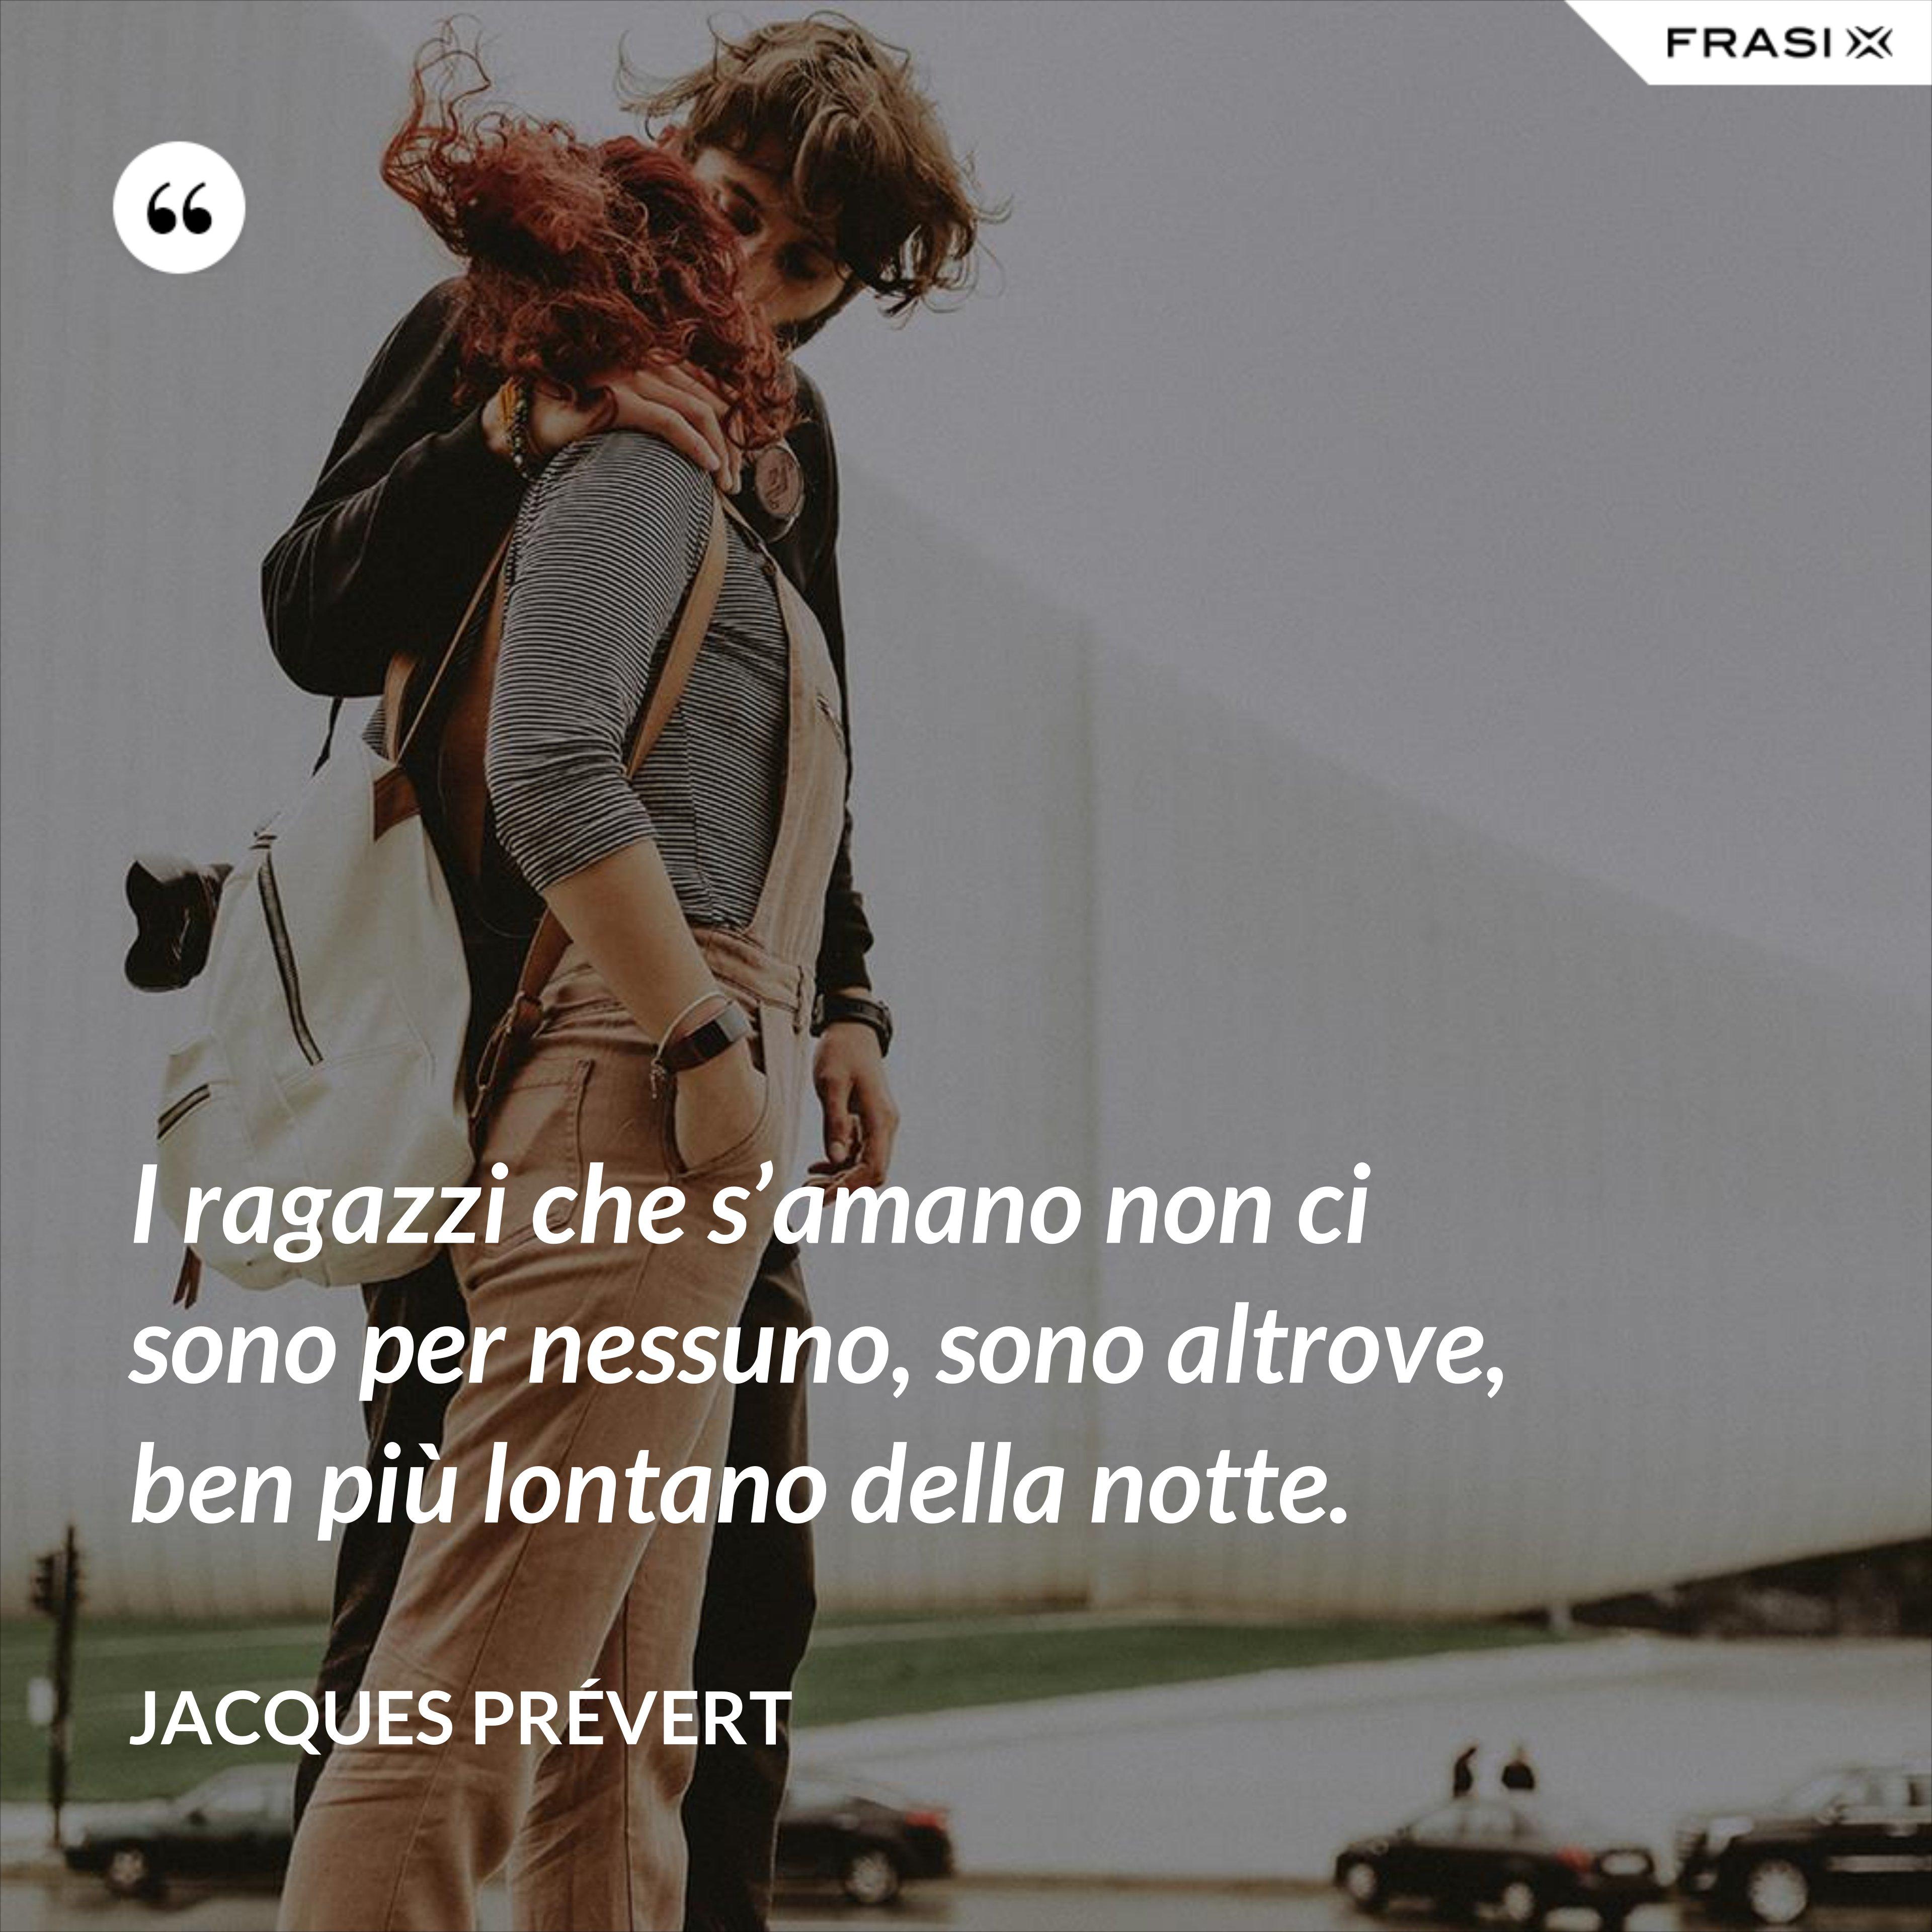 I ragazzi che s'amano non ci sono per nessuno, sono altrove, ben più lontano della notte. - Jacques Prévert